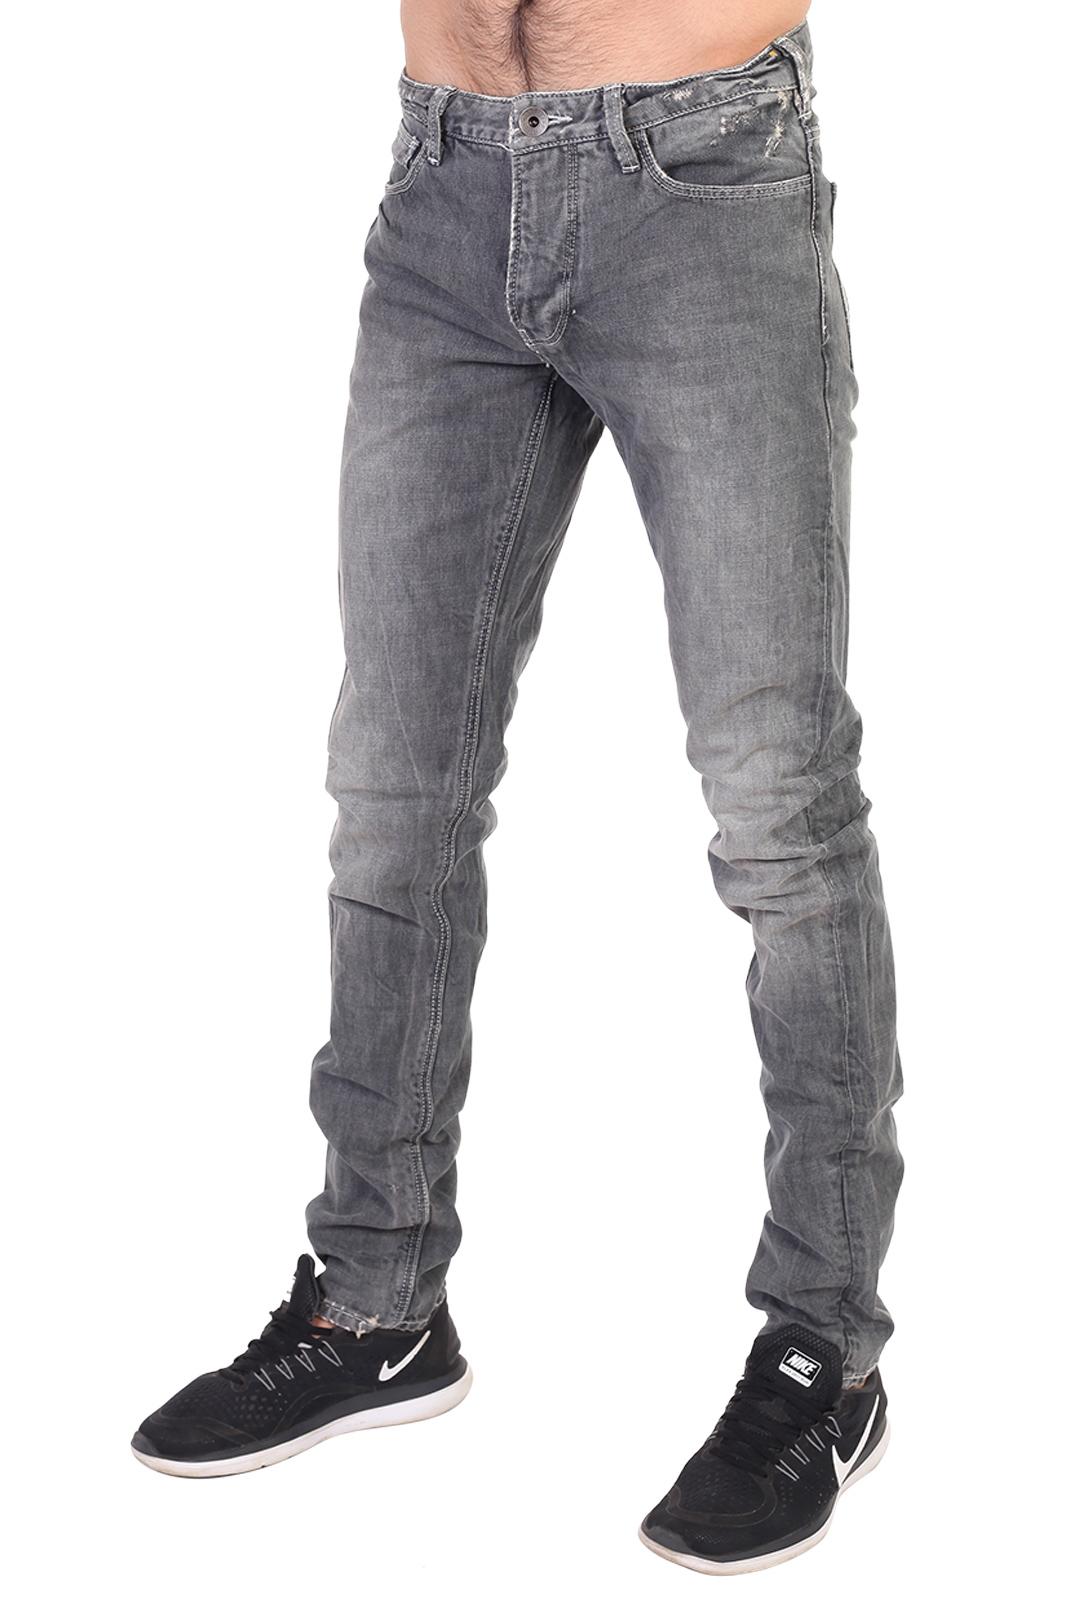 Купить в Москве качественные мужские джинсы